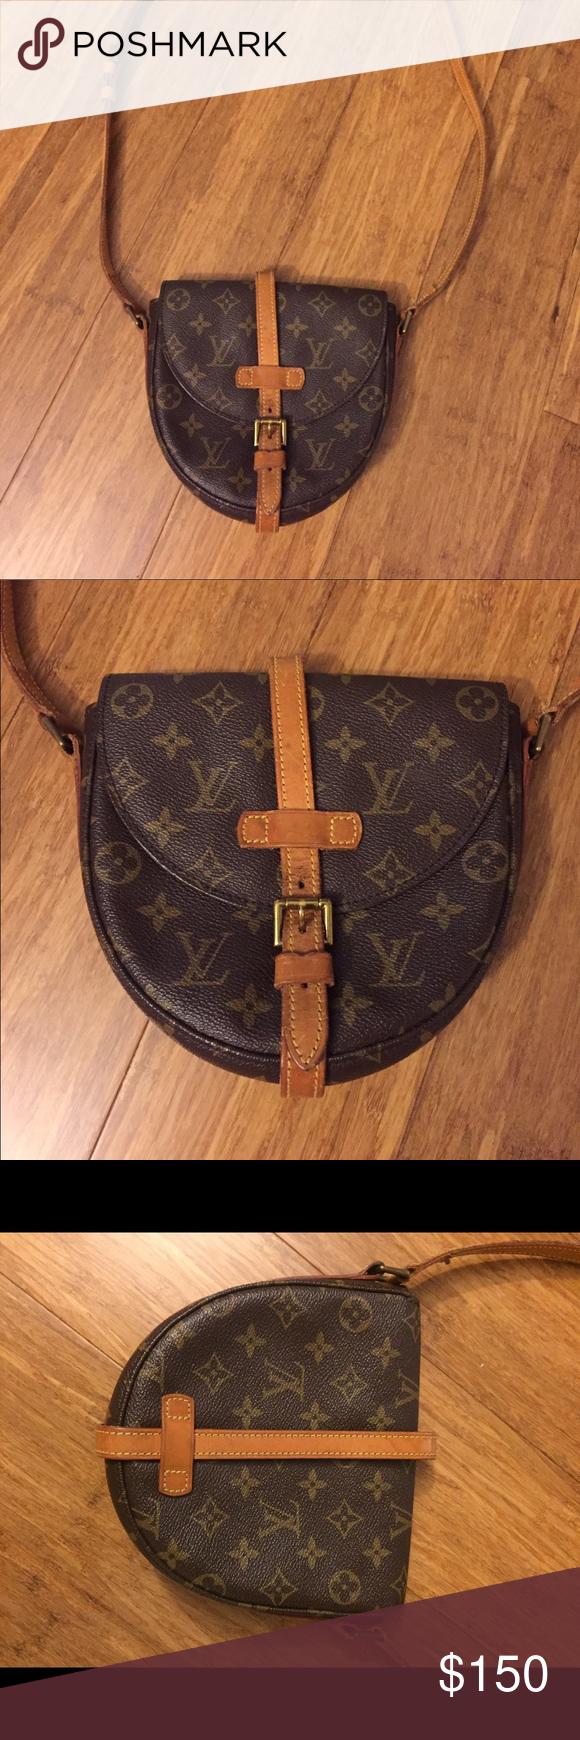 Vintage Louis Vuitton Chantilly PM Vintage Louis Vuitton Chantilly  crossbody bag 946fd0166d82b